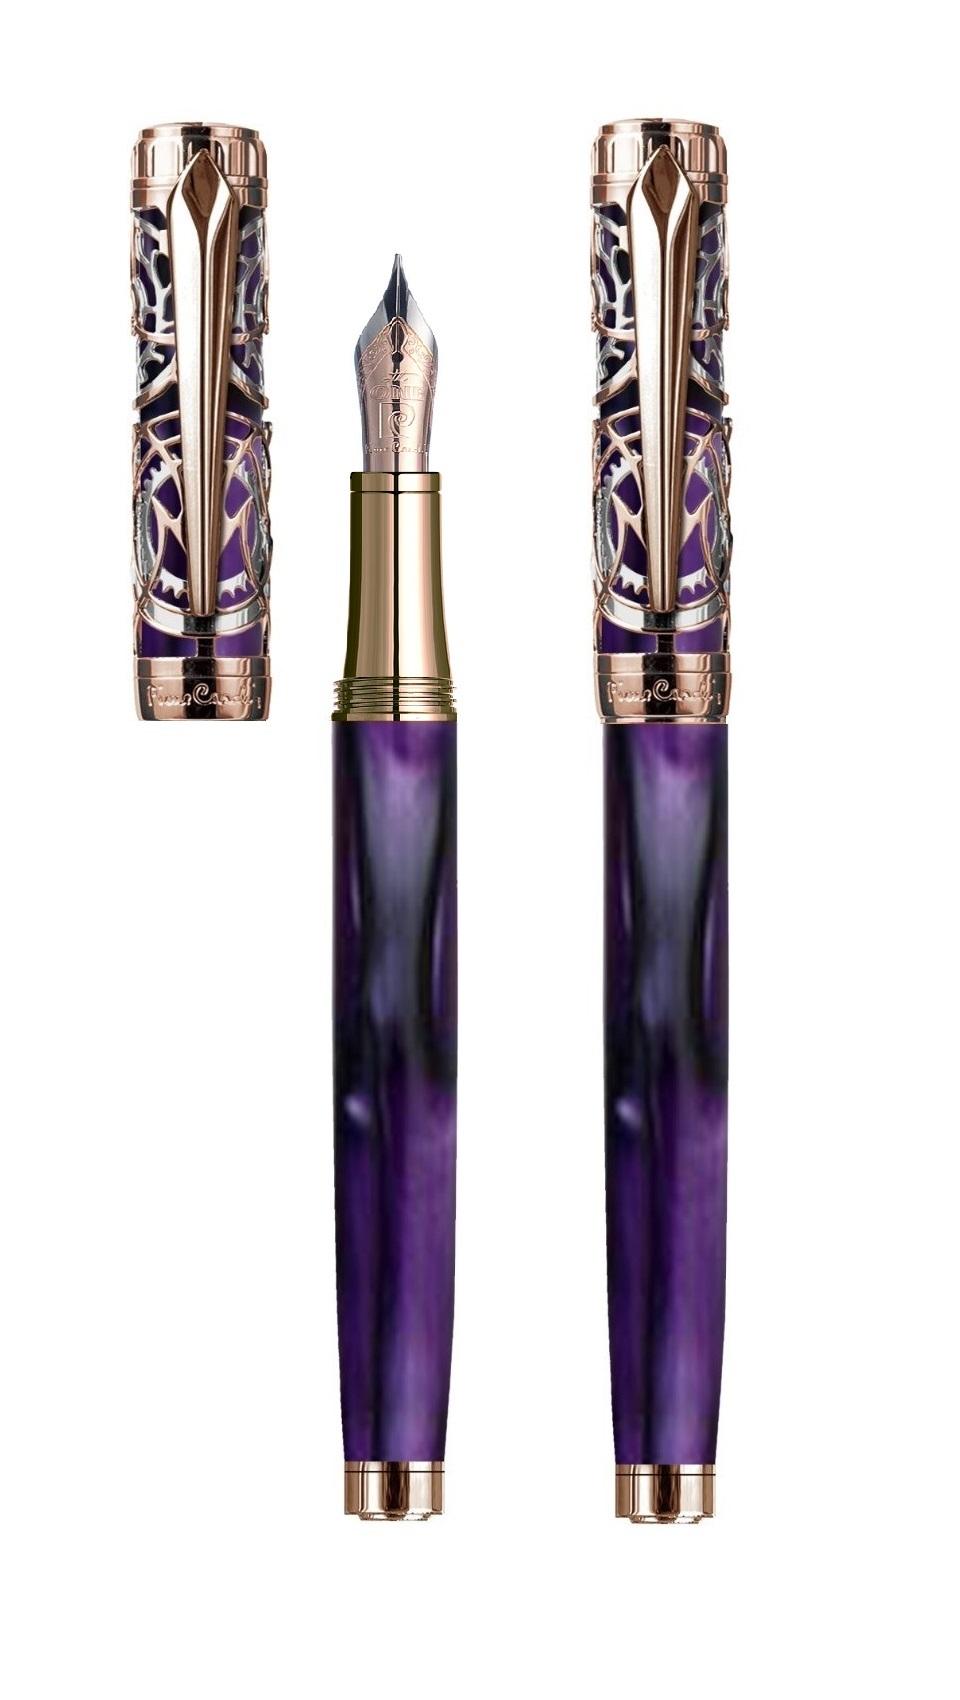 PC6613FP-A2 Ручка перьевая  Pierre Cardin Lesprit корпус латунь, акрил,сталь.